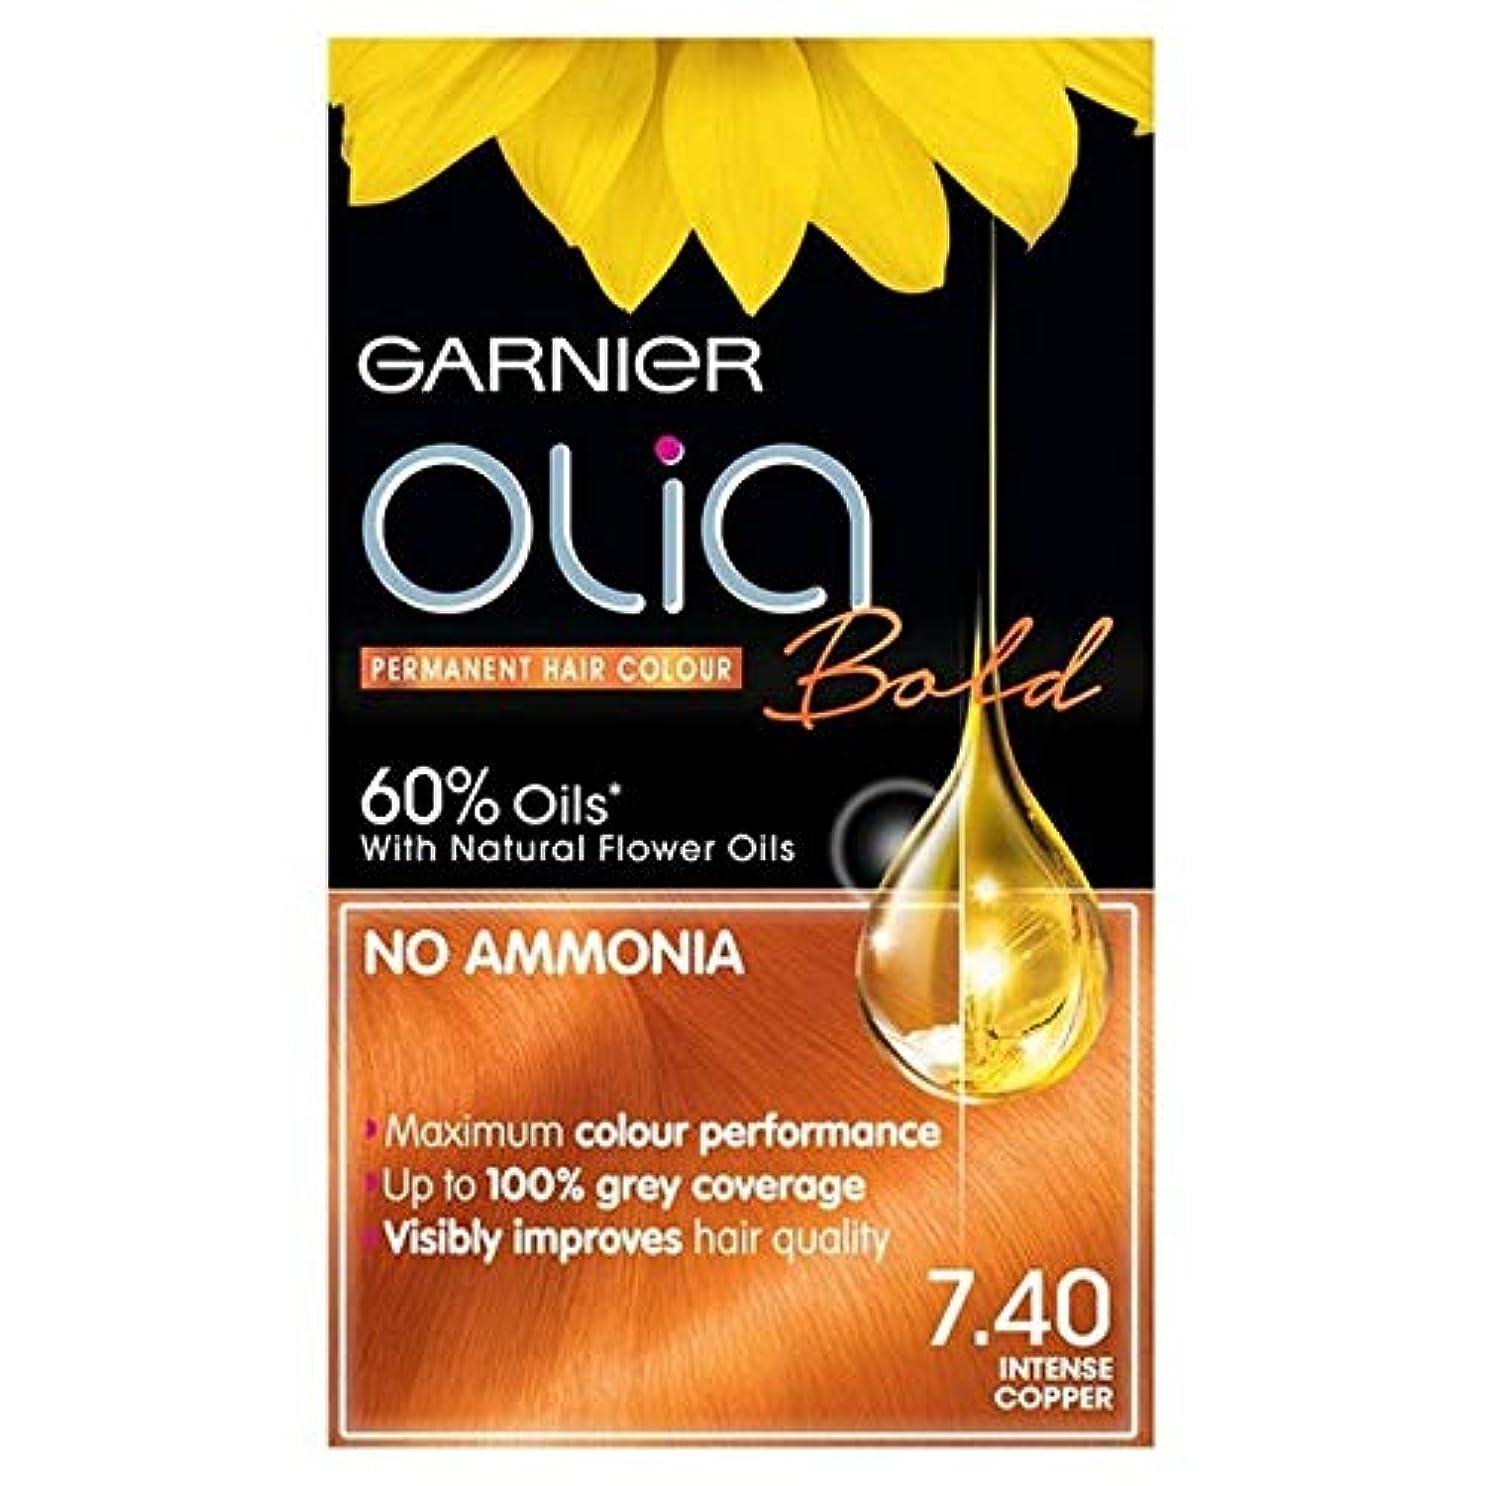 テナントロール準備した[Garnier ] 7.40強烈銅永久染毛剤Oliaガルニエ - Garnier Olia 7.40 Intense Copper Permanent Hair Dye [並行輸入品]